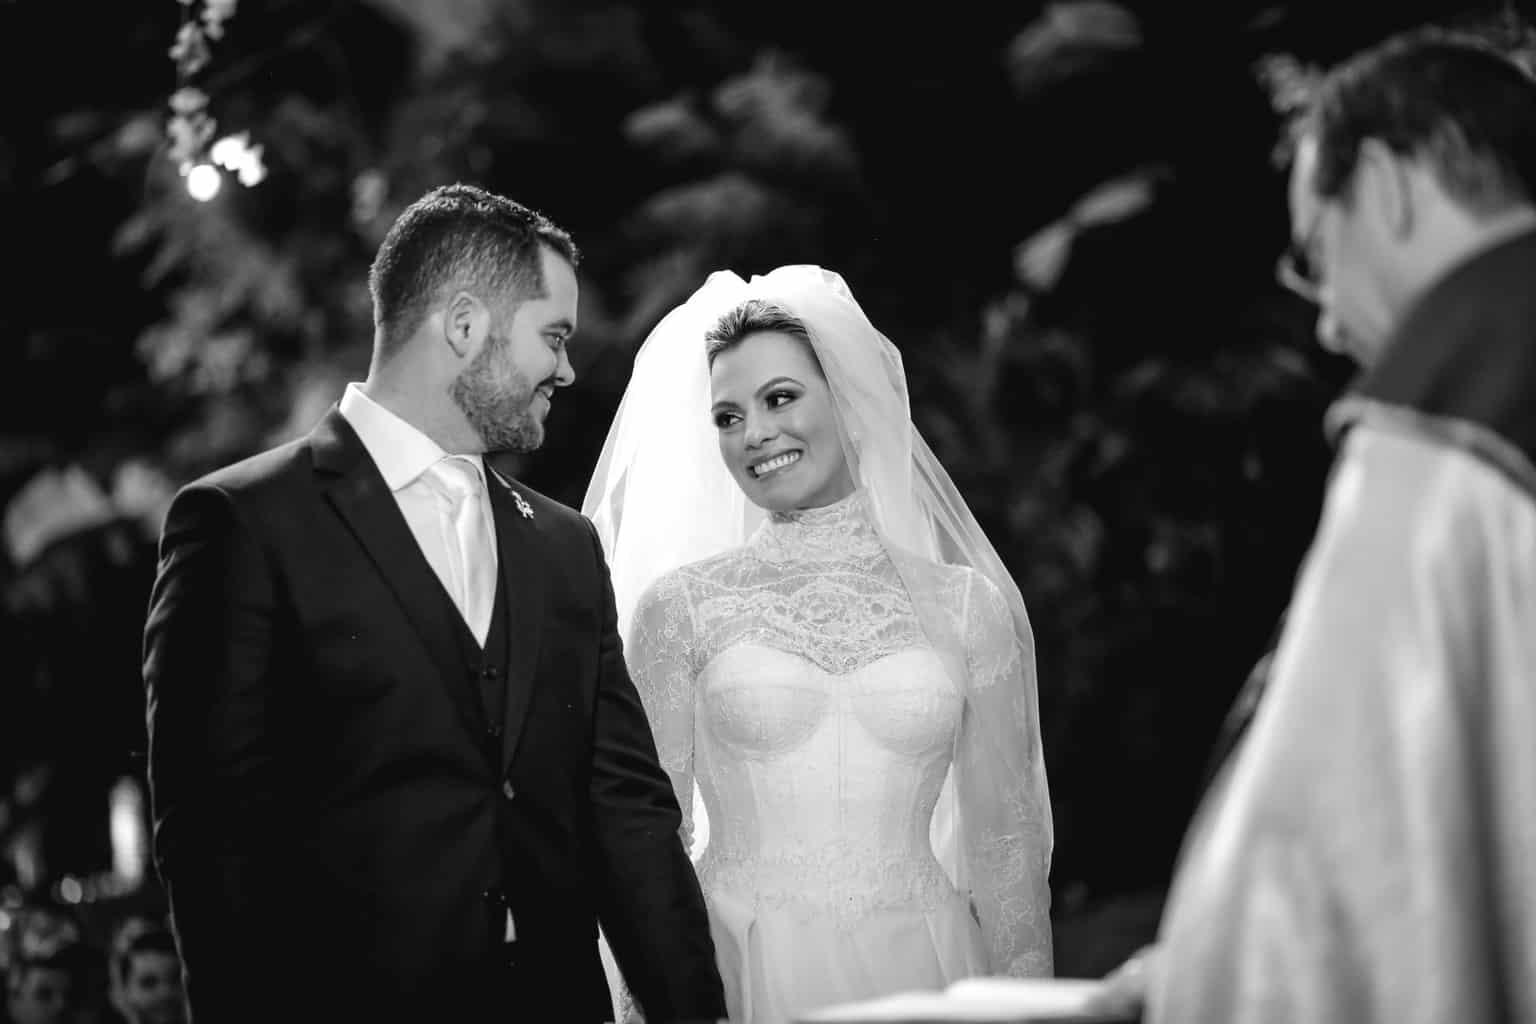 casamento-Juliana-e-Eduardo-cerimonia-Fotografia-Ricardo-Nascimento-e-Thereza-magno-Usina-dois-irmãos57